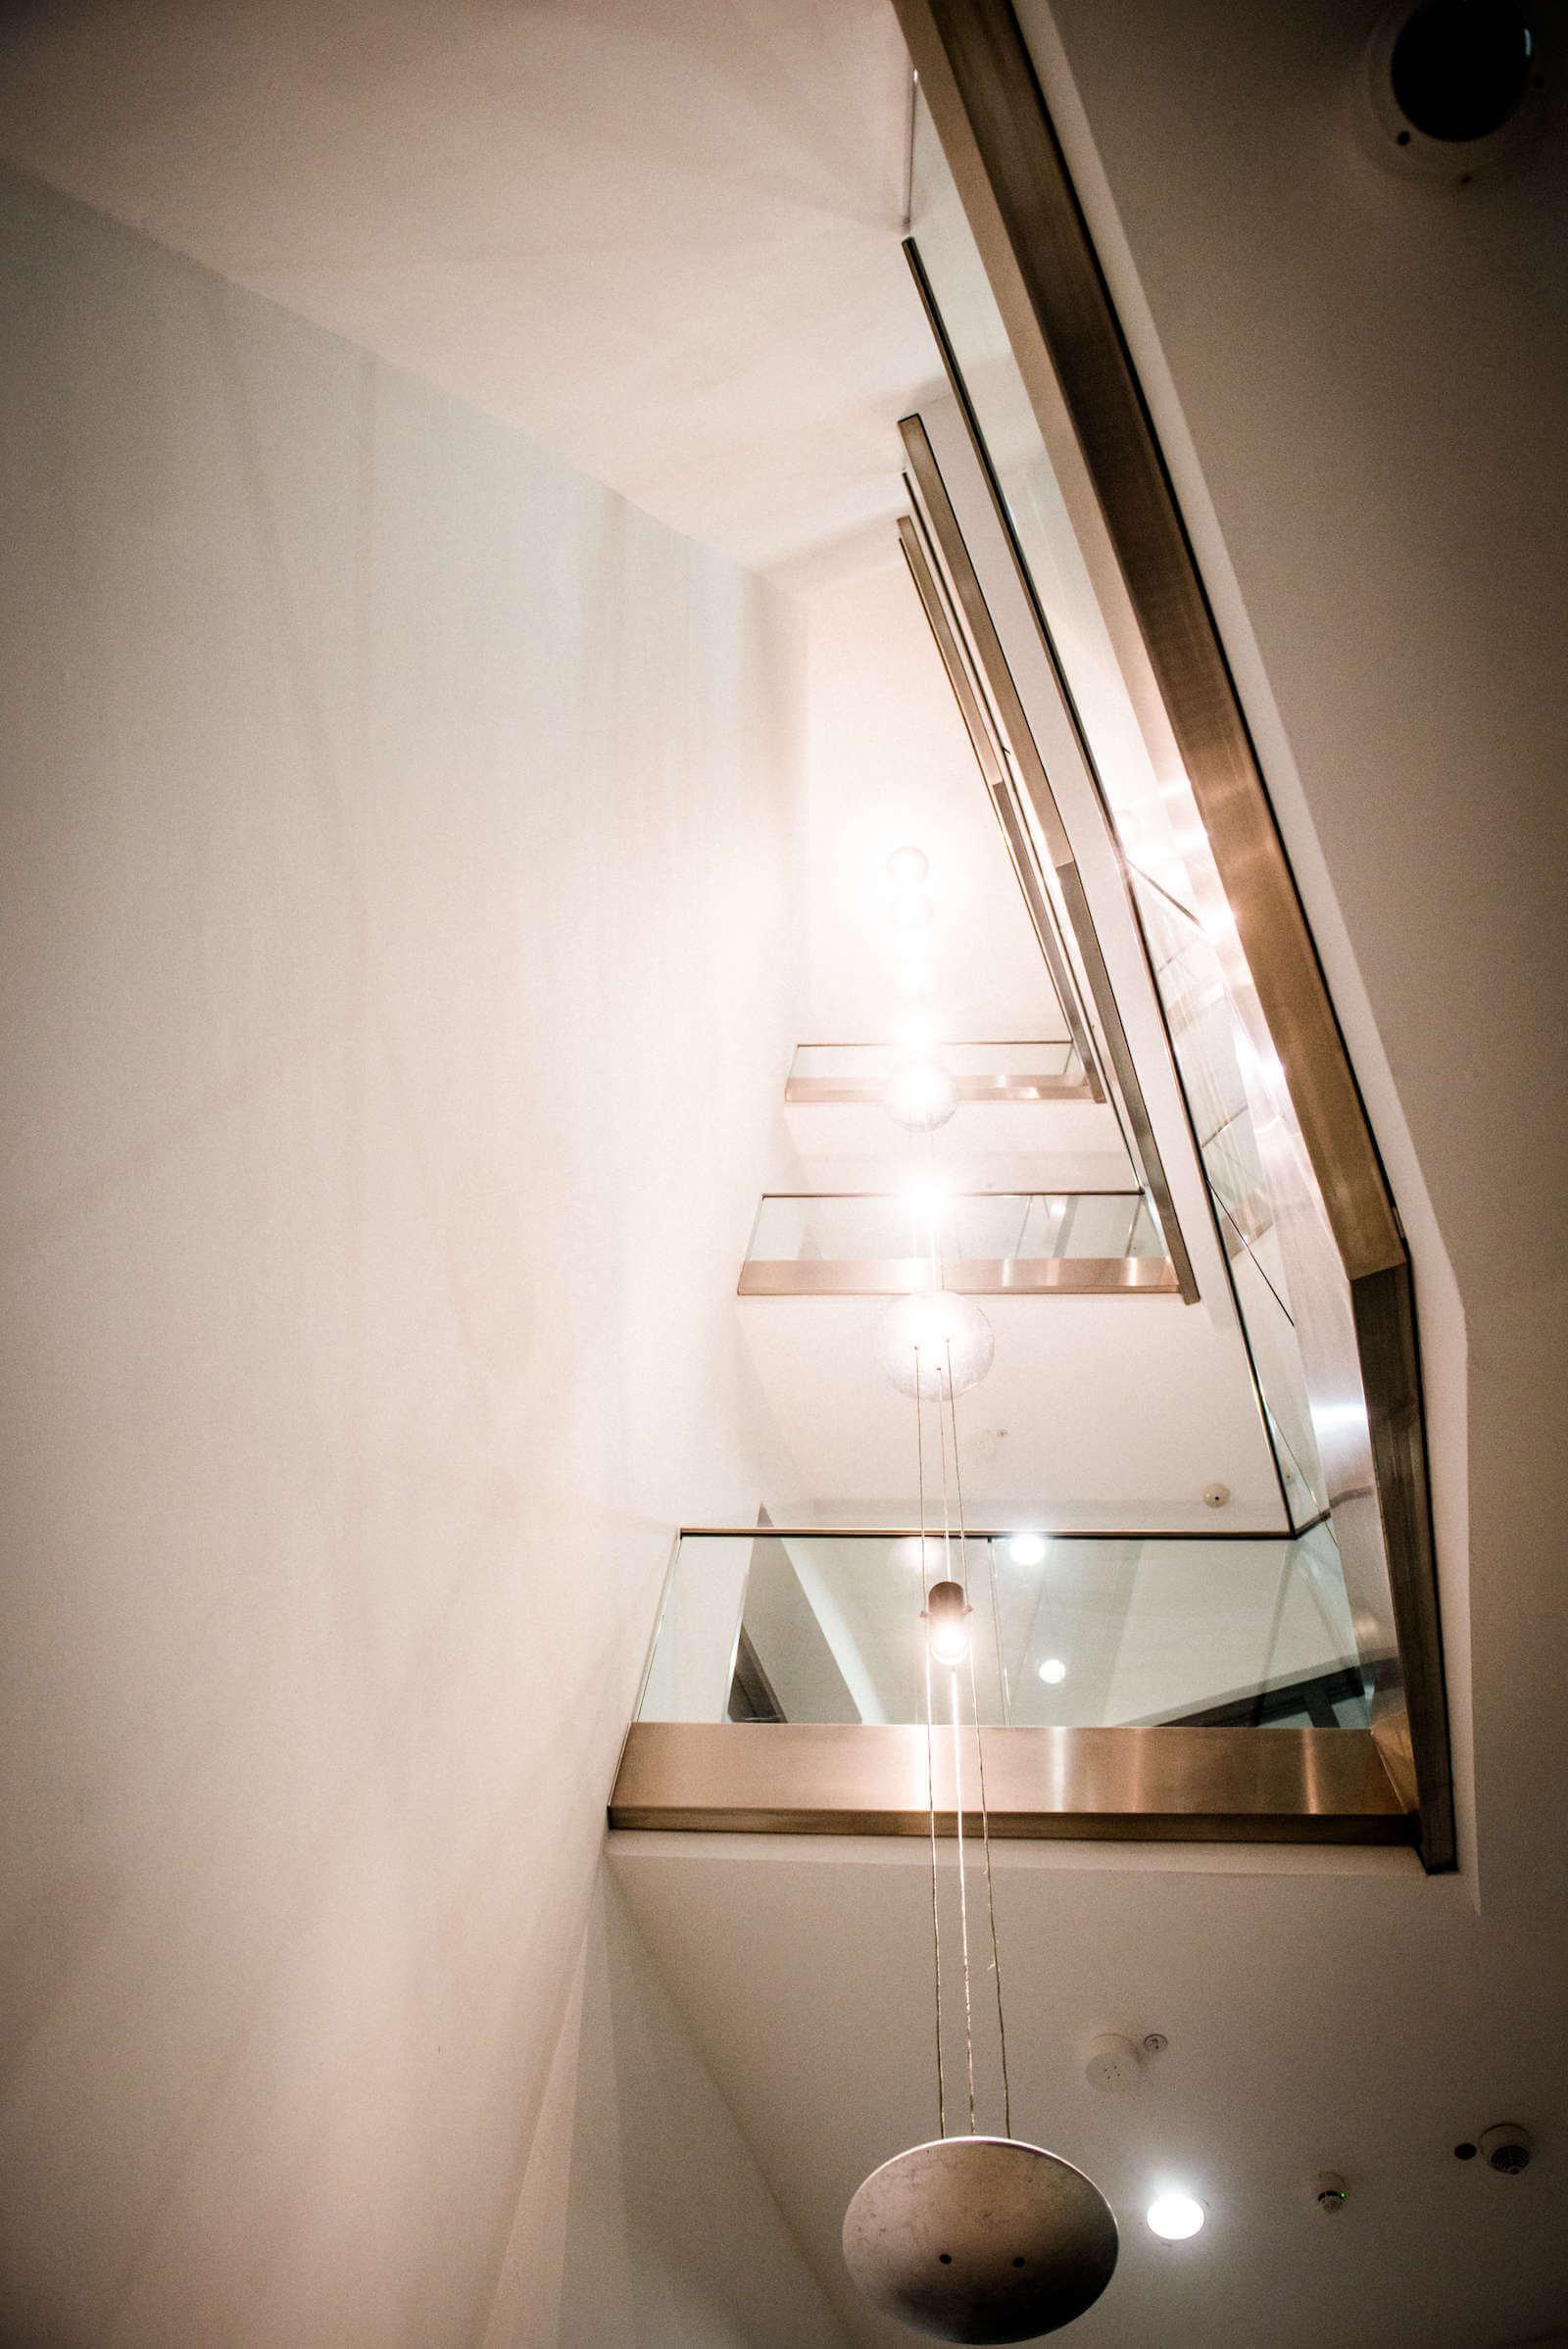 Referenzen | Volksbank Kleverland | Pendelleuchte im Treppenhaus | Leuchten Lukassen